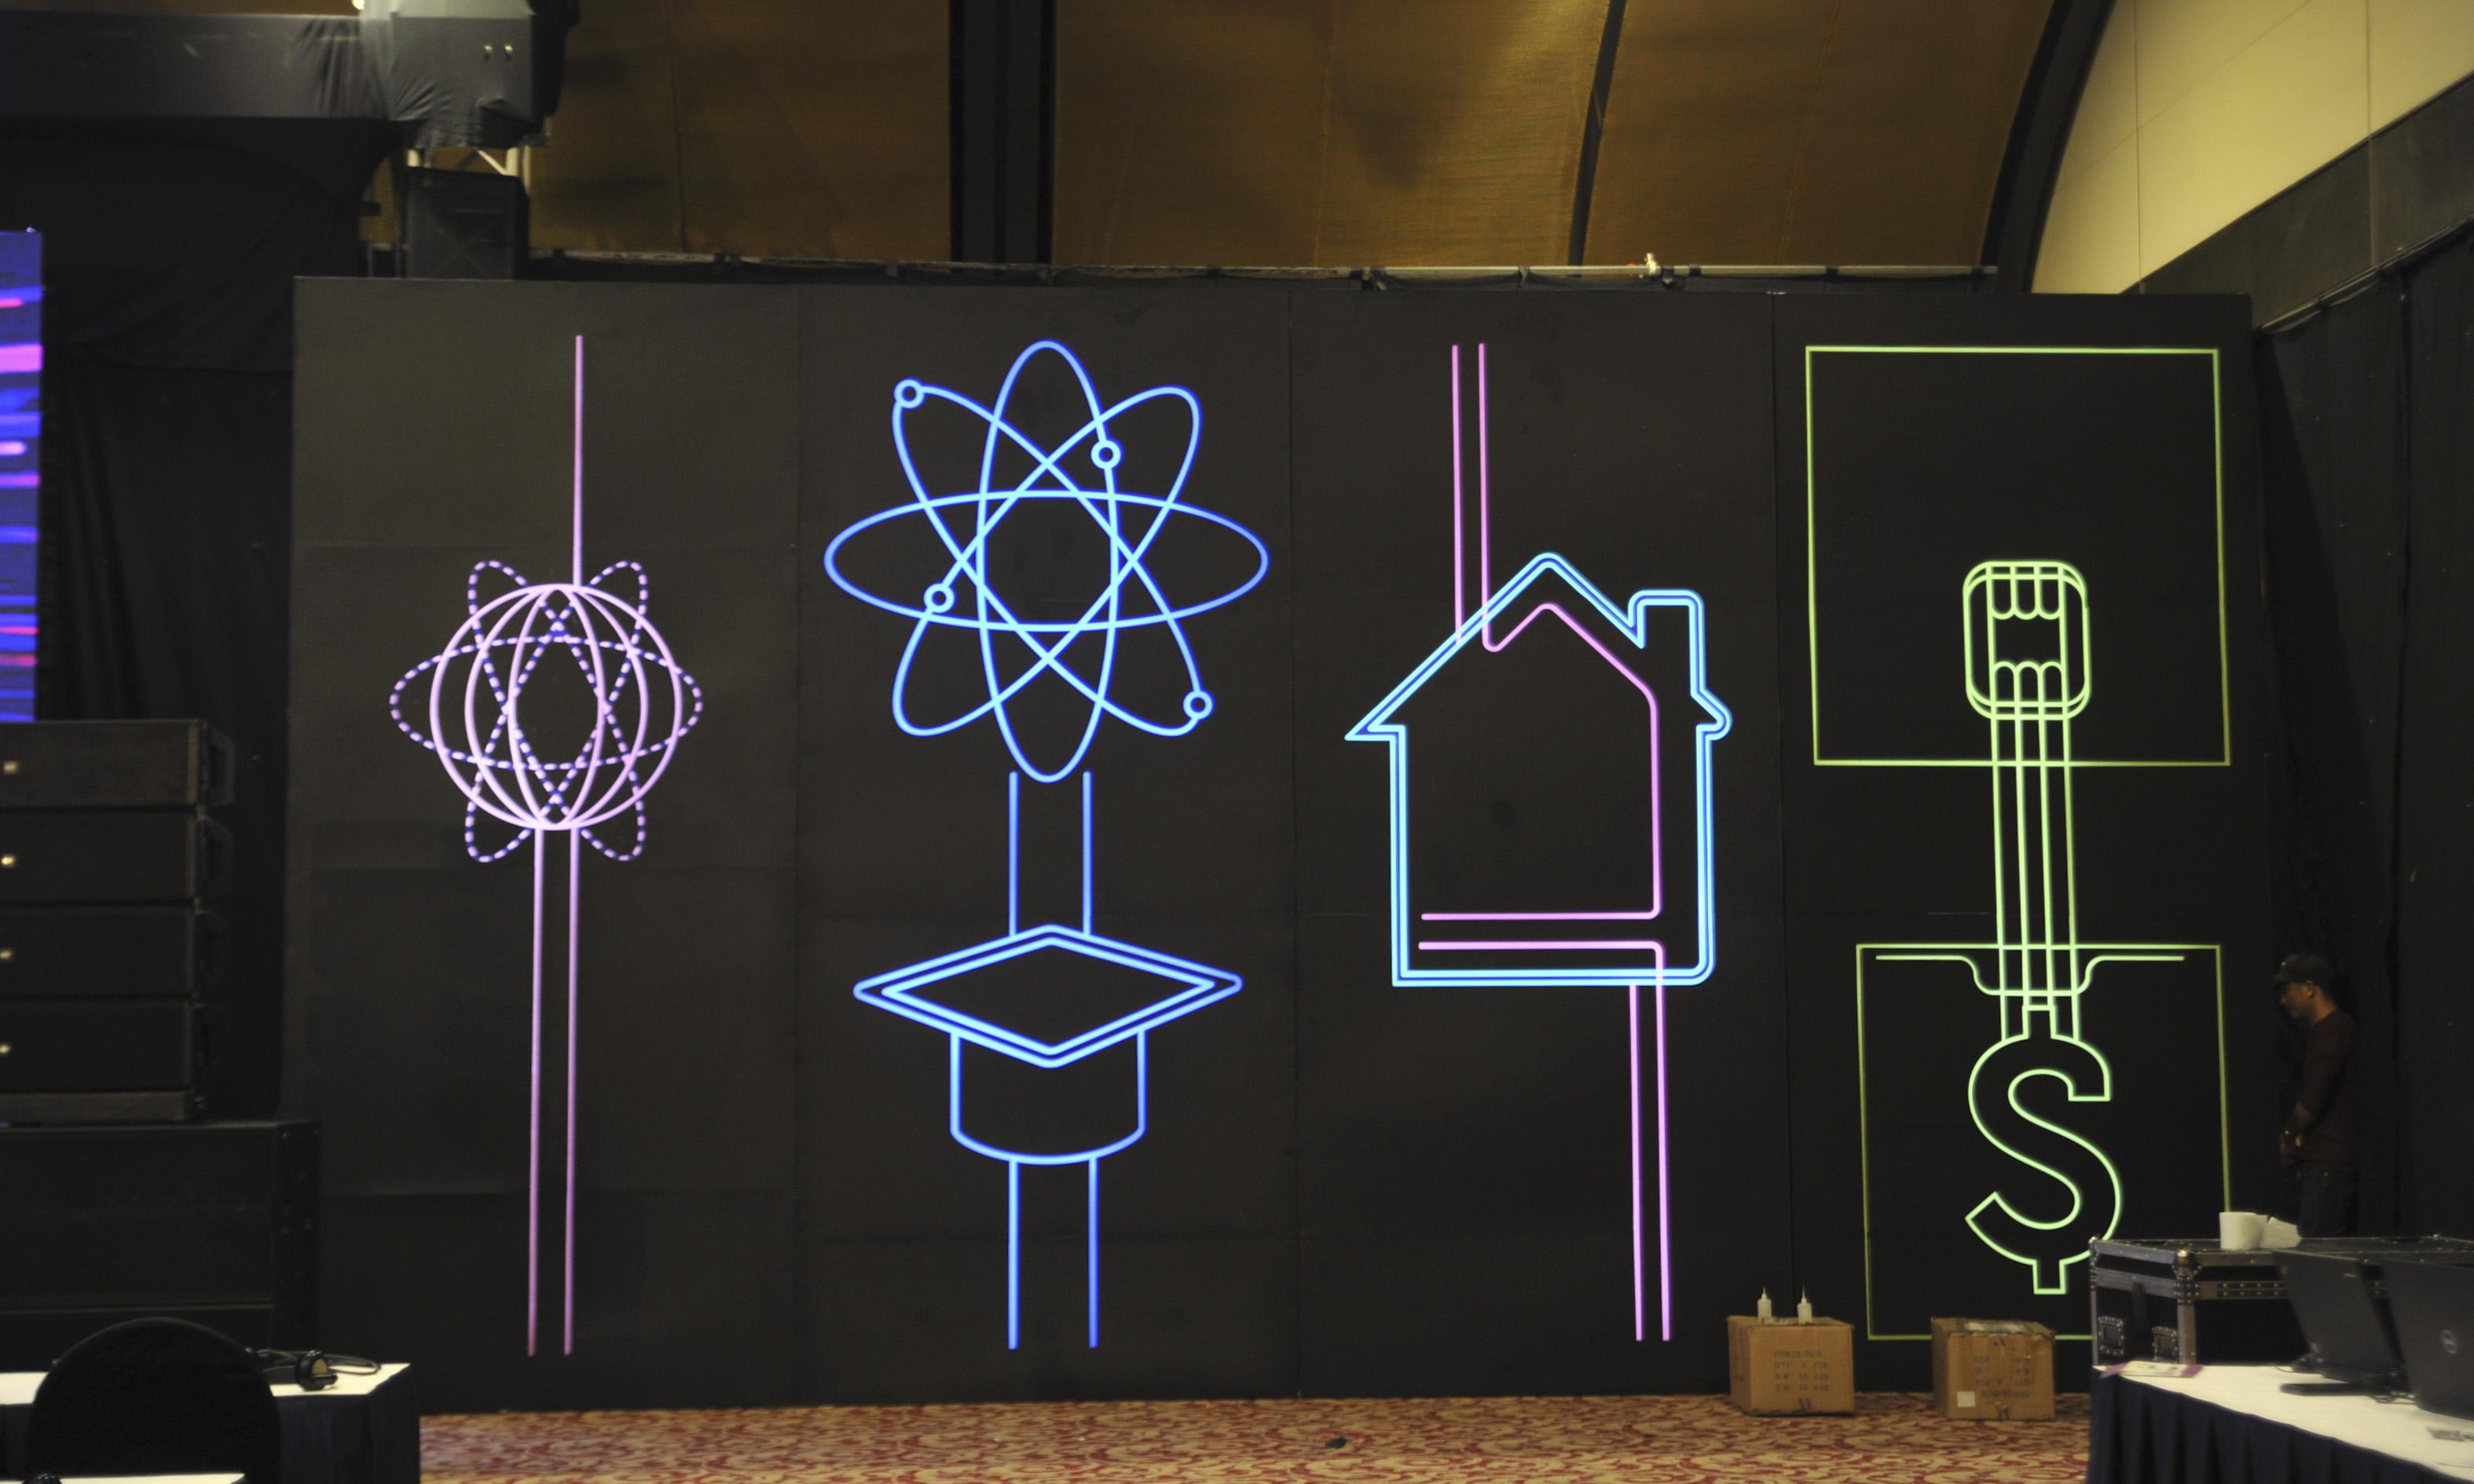 """Phía 2 bên sân khấu là các biểu tượng cho """"Start Smart"""" trong nhiều lĩnh vực như """"Y tế thông minh"""", """"Giáo dục thông minh"""", """"Nhà máy thông minh""""..."""